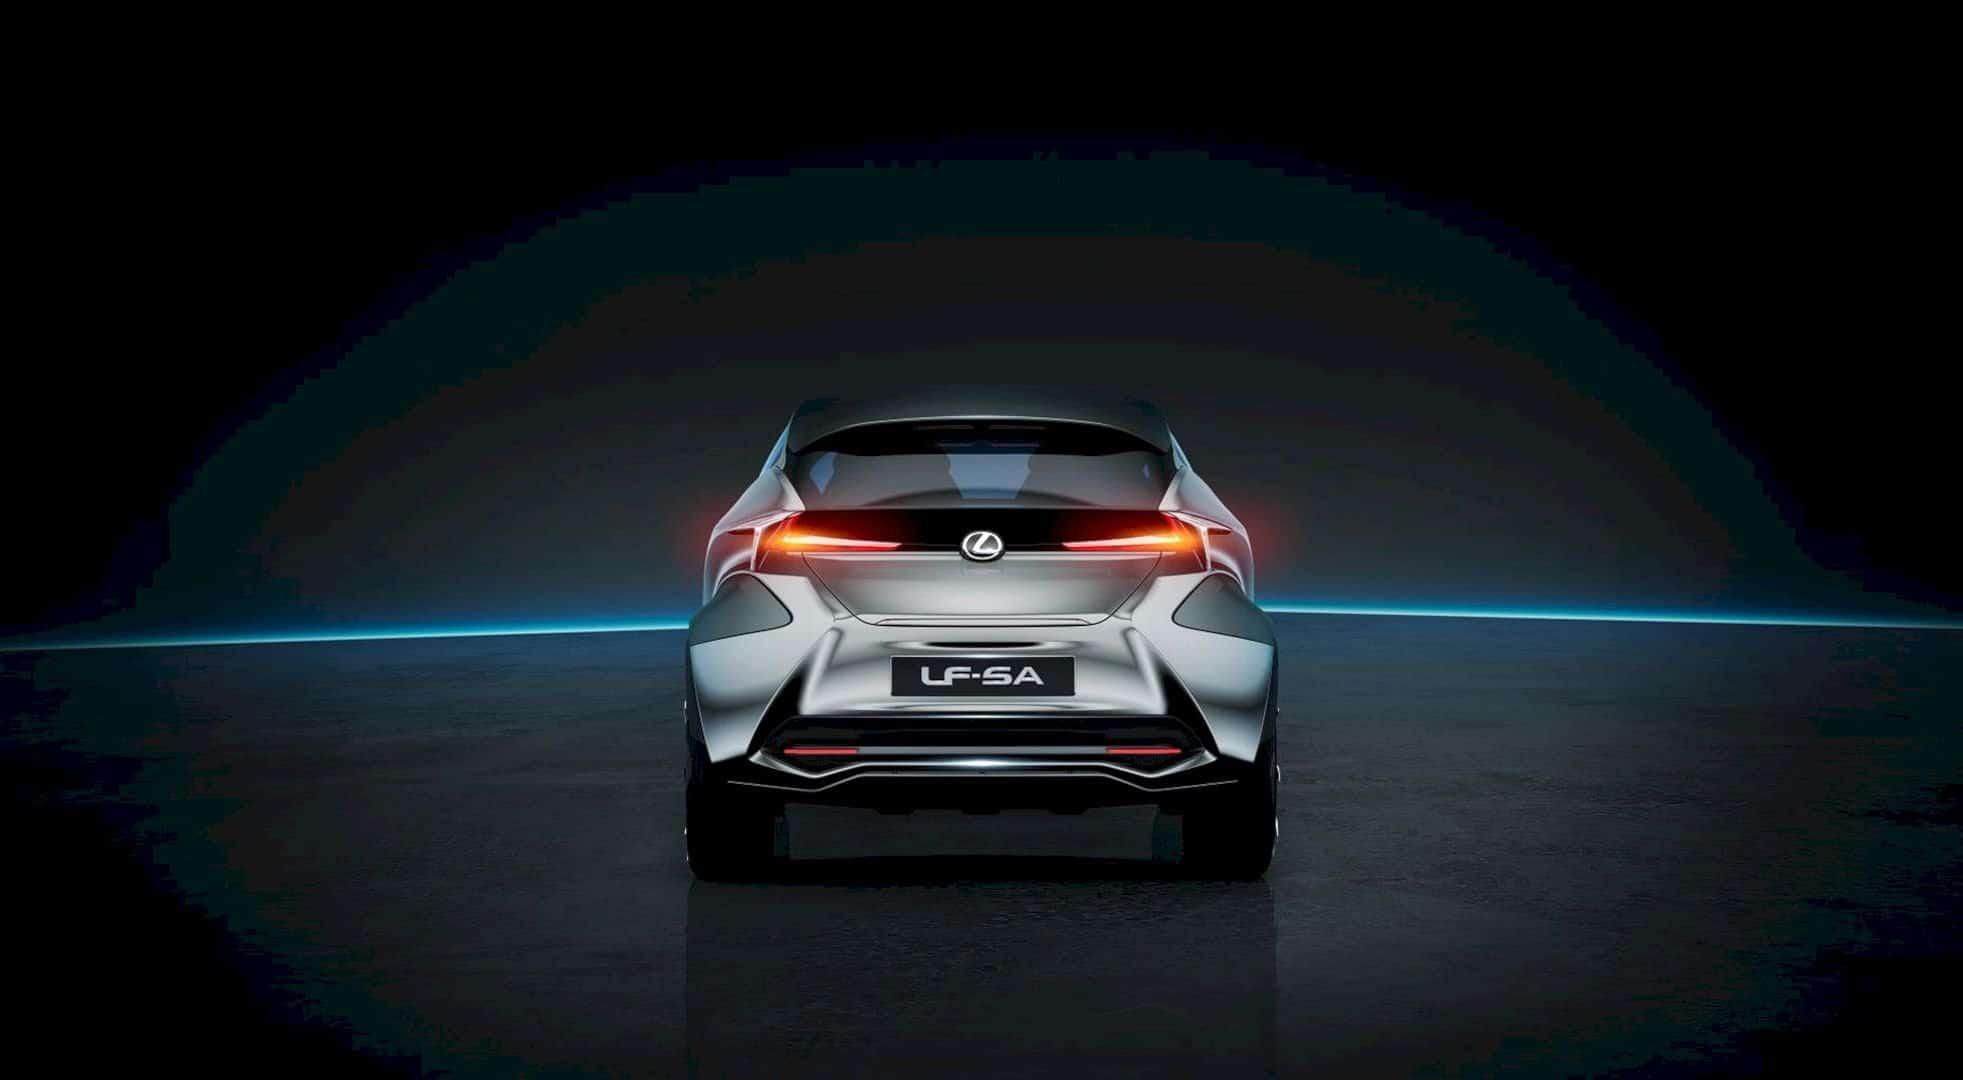 Lexus Lf Sa Concept 6